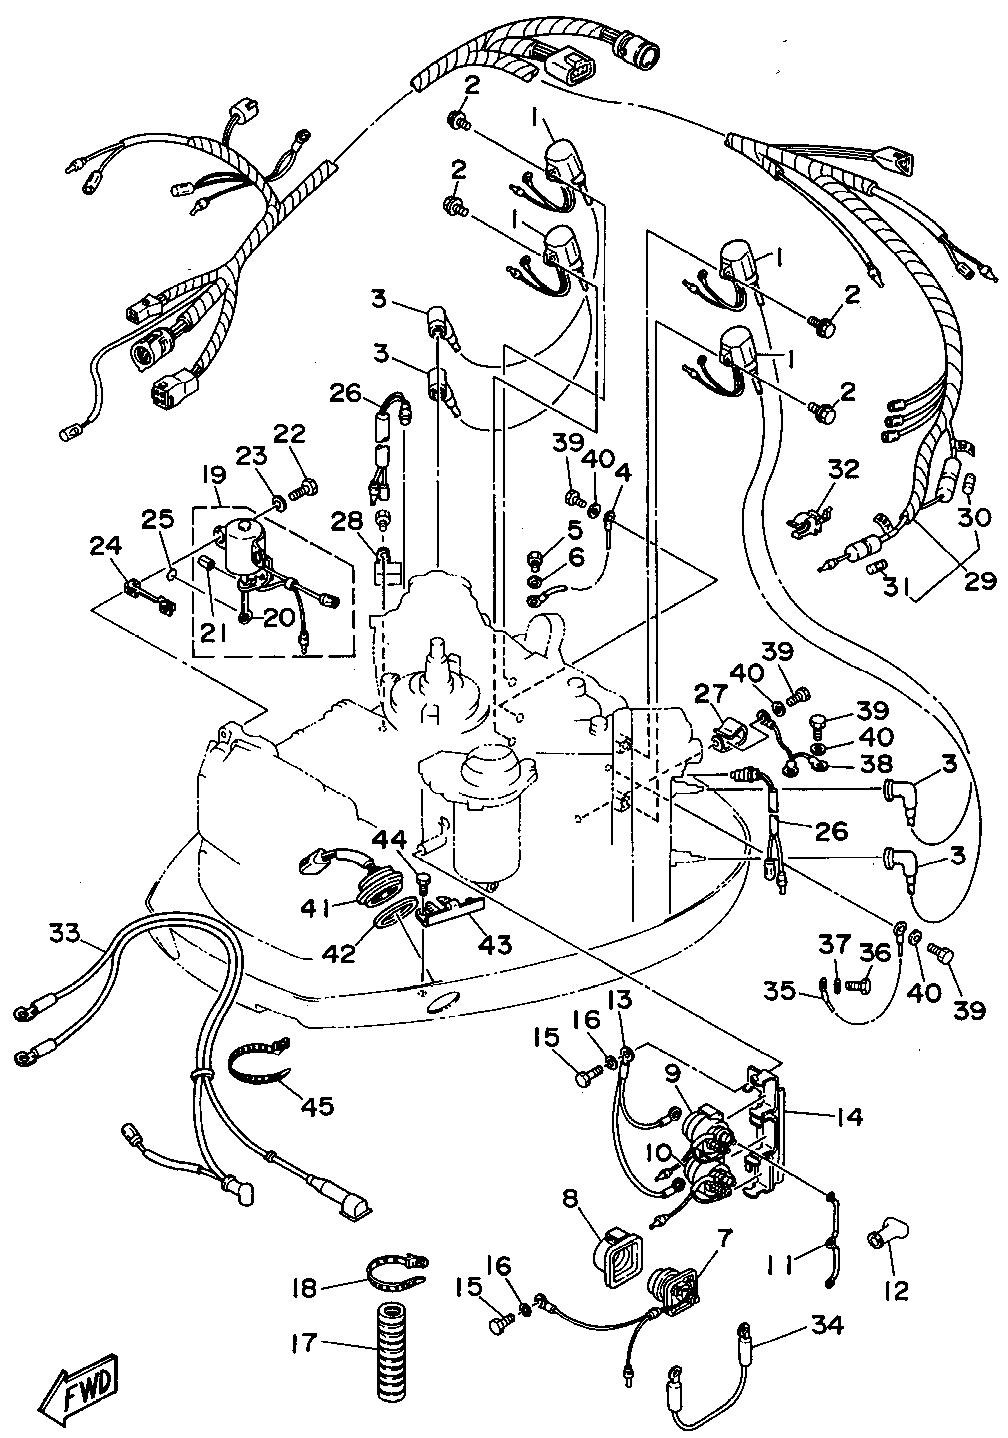 Yamaha 115 4 Stroke Wiring Diagram